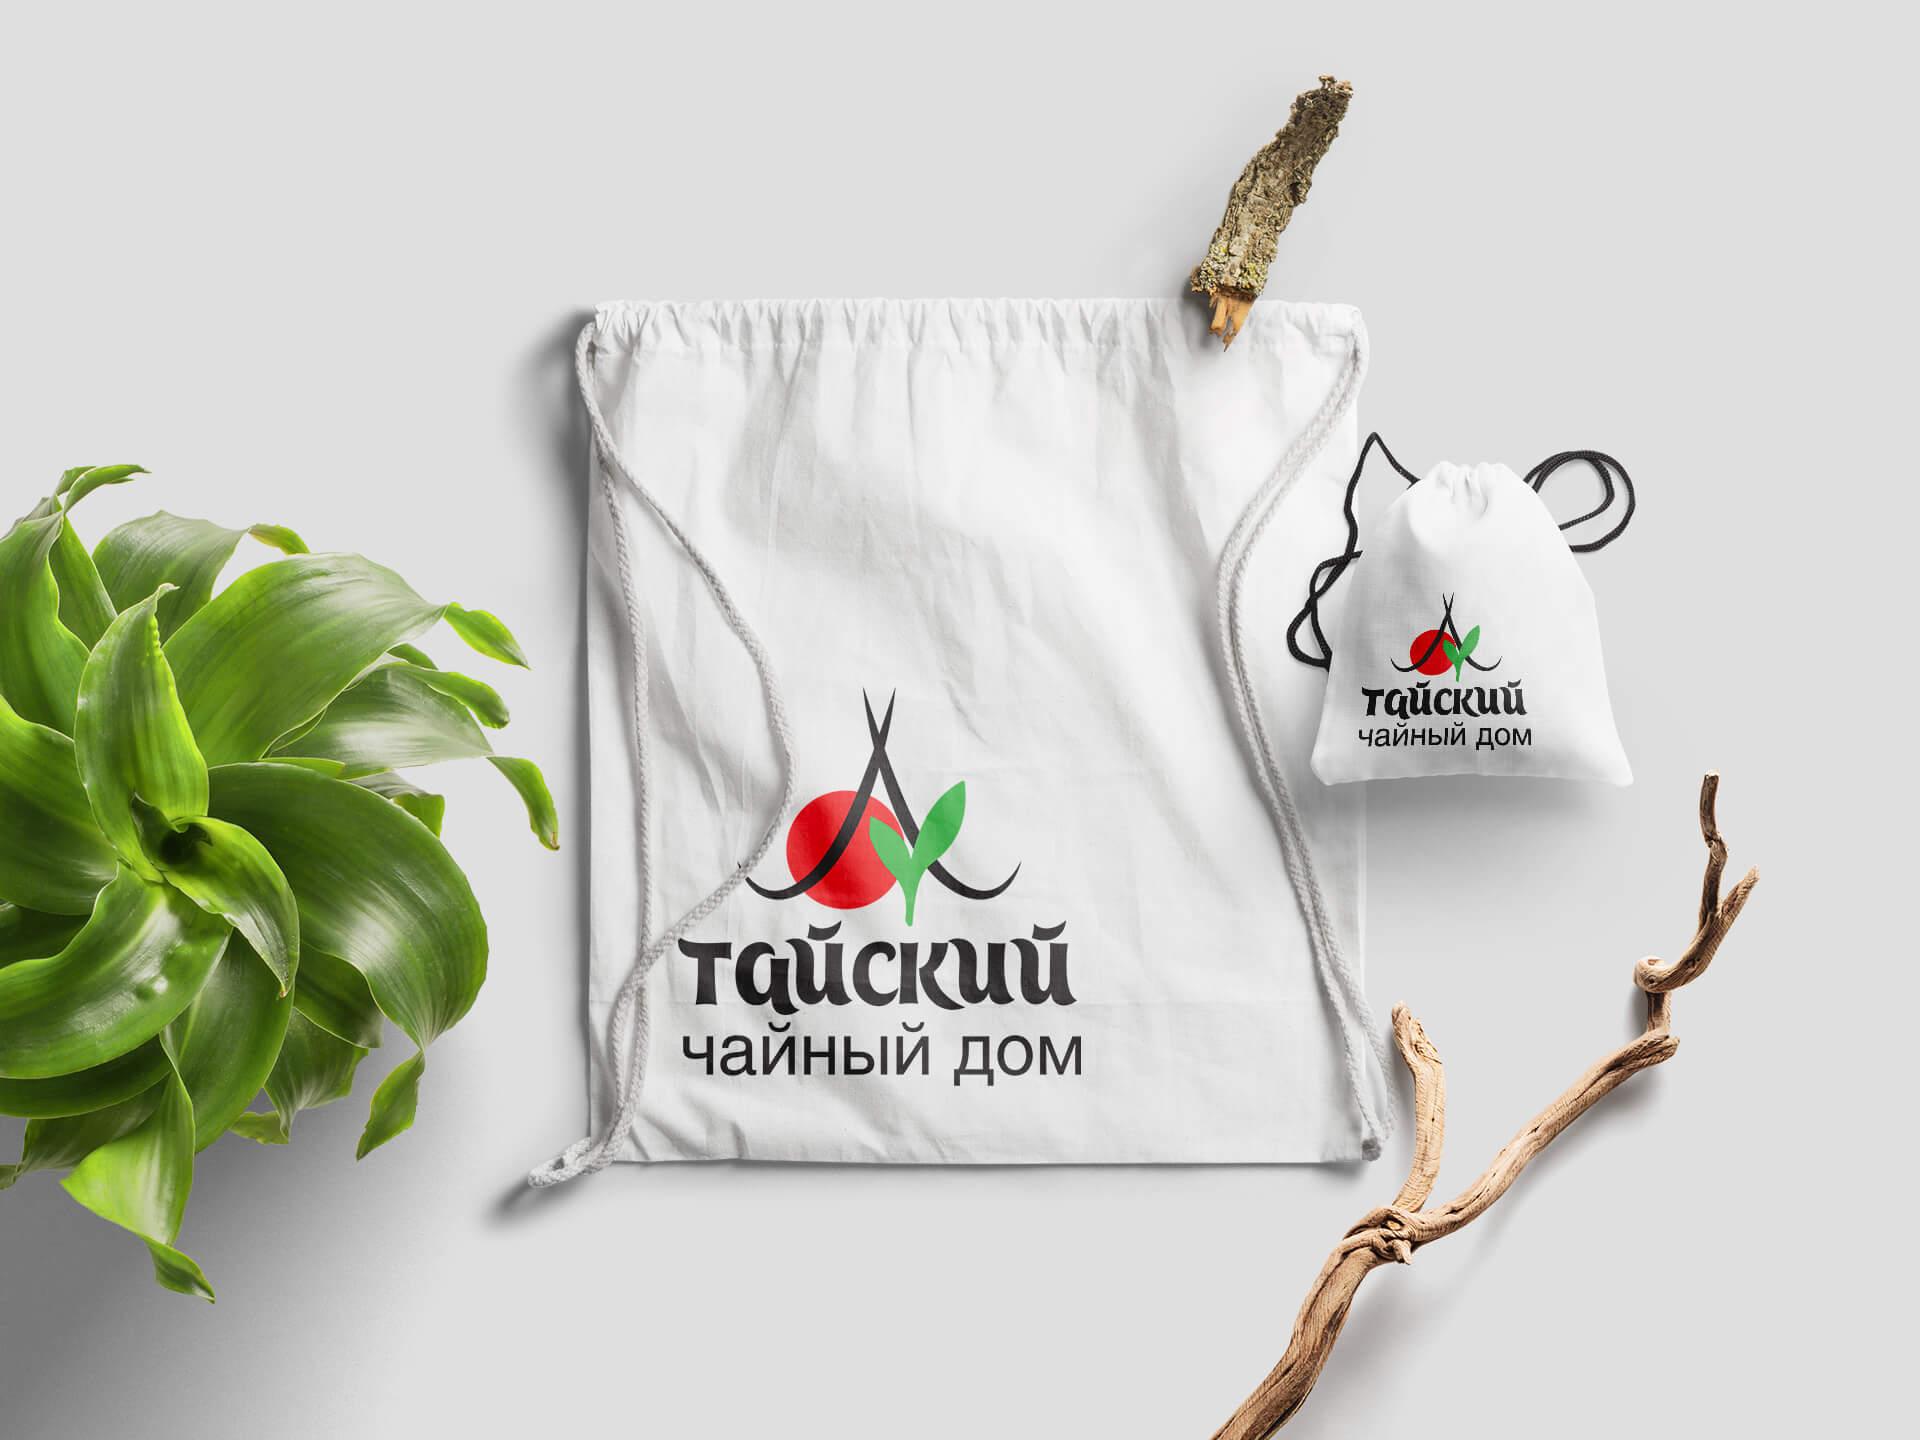 Тайский Чайный Дом, брендинг 4